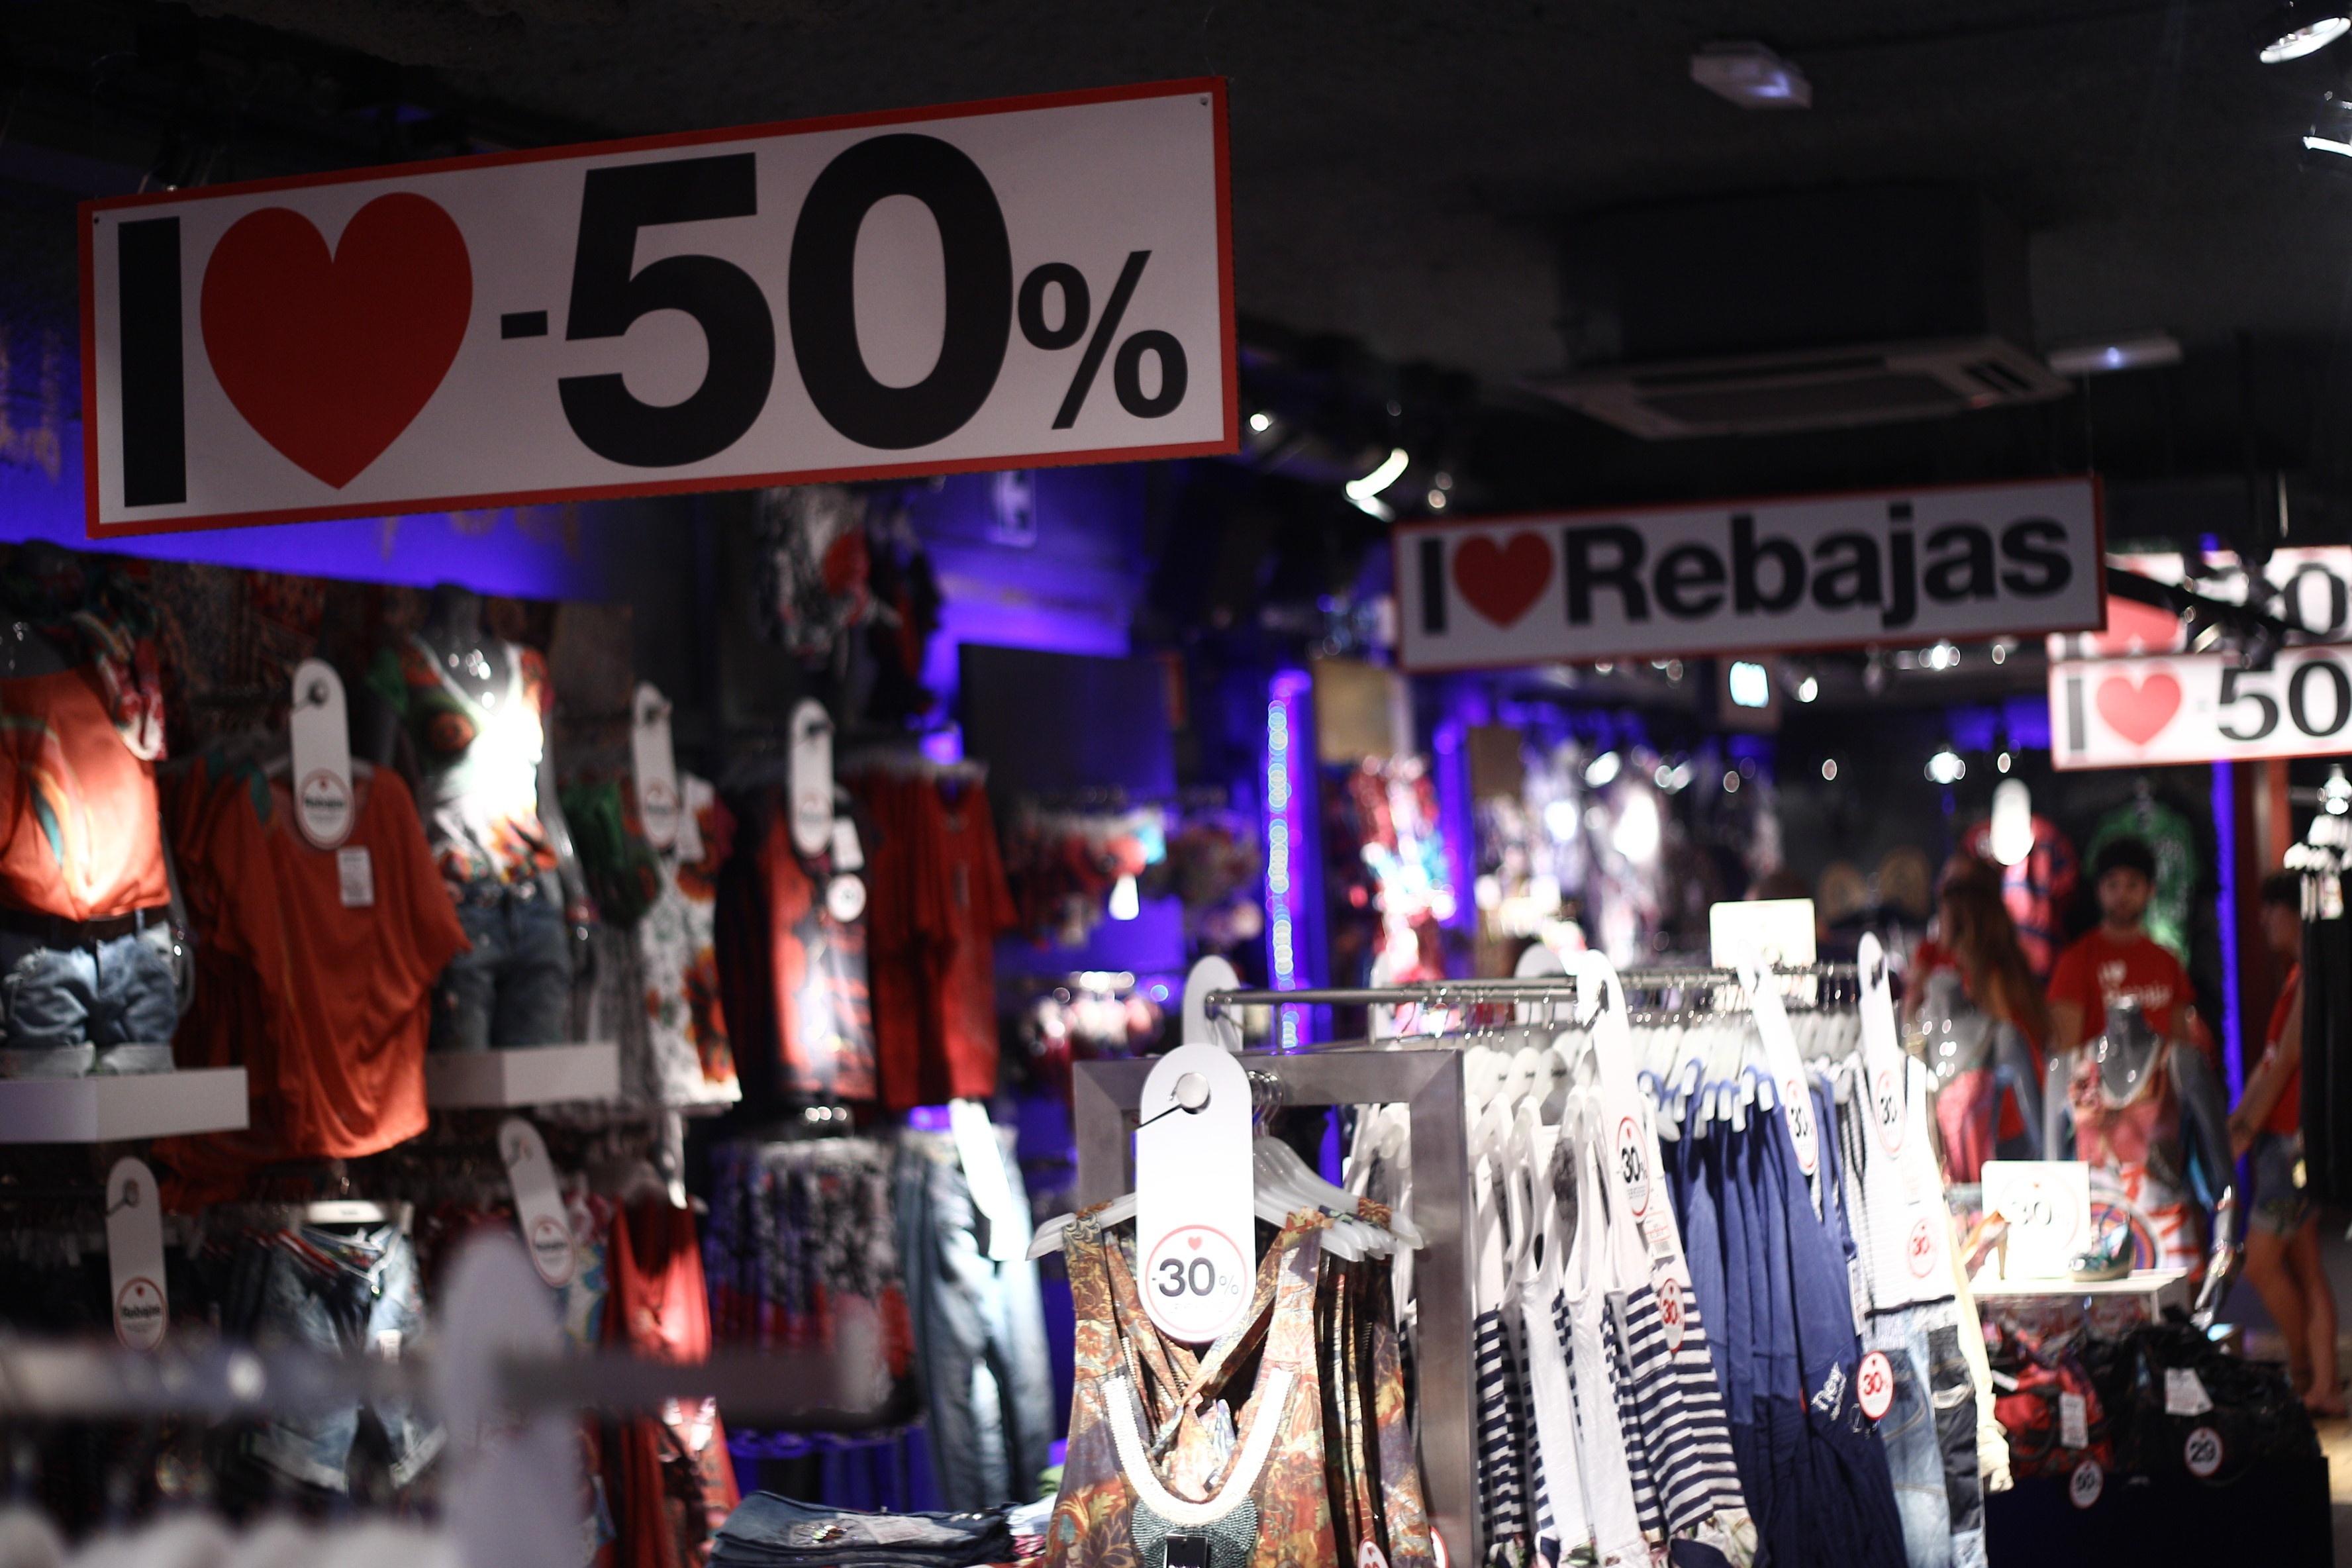 La Generalitat recuerda que los comercios tienen libertad para establecer los periodos de rebajas